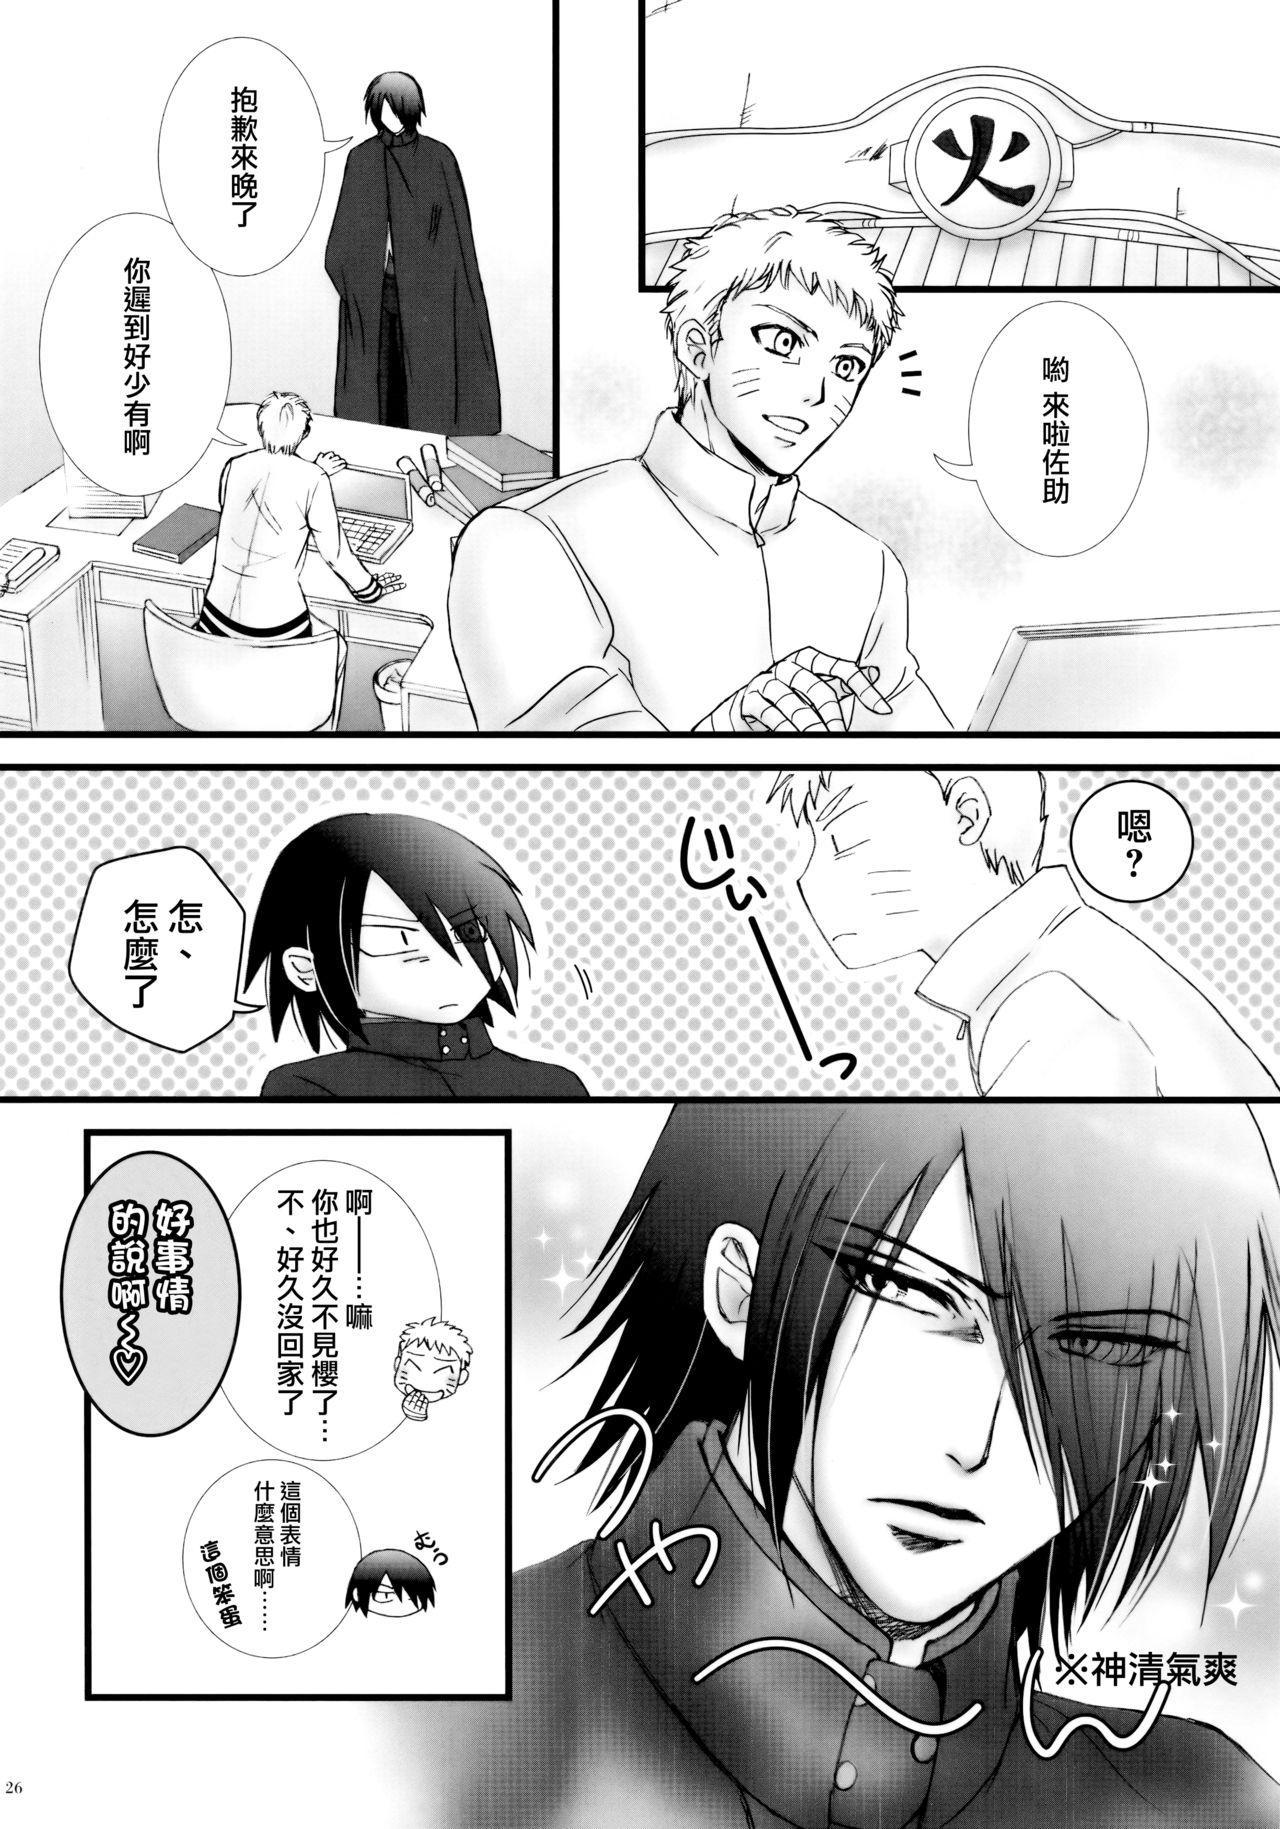 Himitsu no Jikan 24